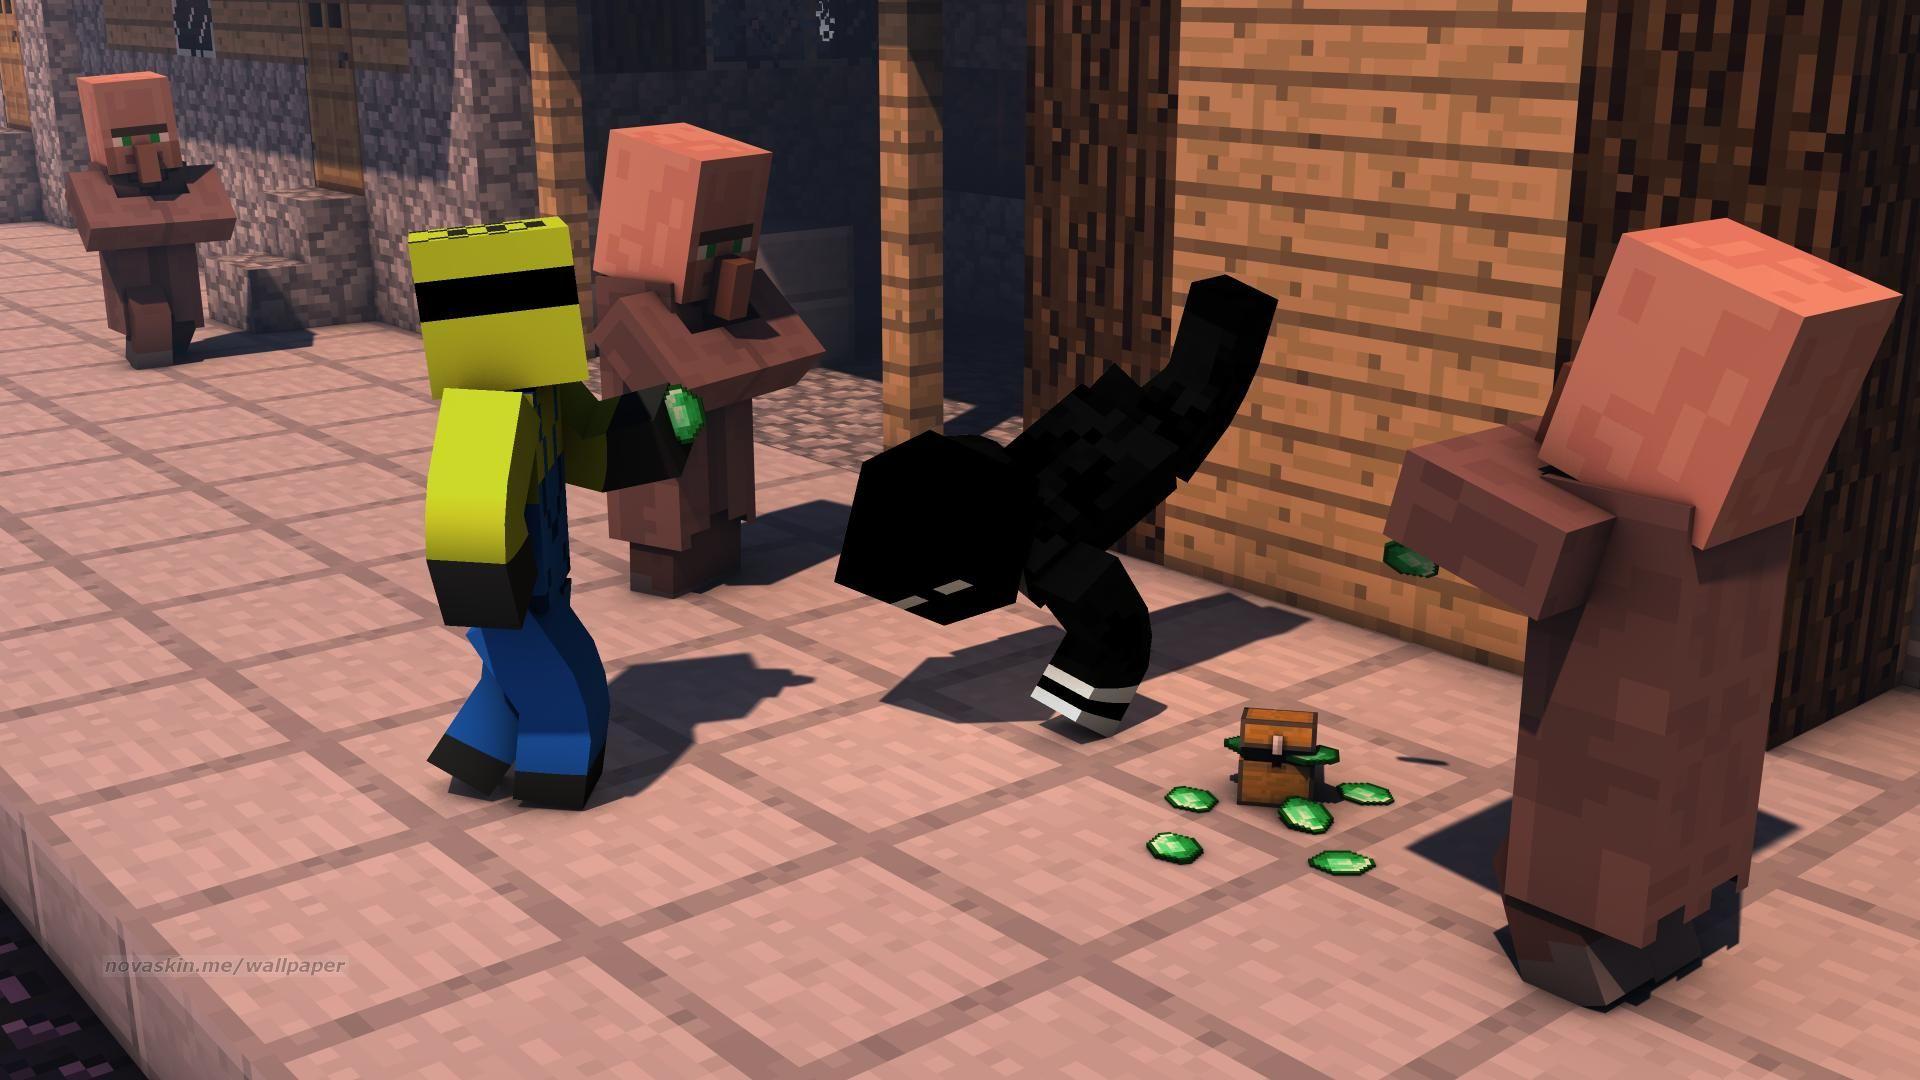 Minecraft Nova Wallpaper Pe | Minecraft wallpaper ...